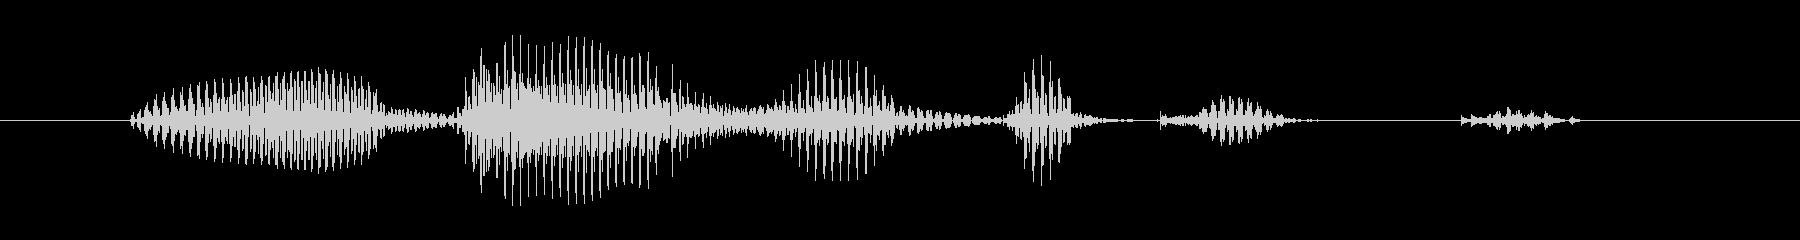 オーバーヘッドキックの未再生の波形